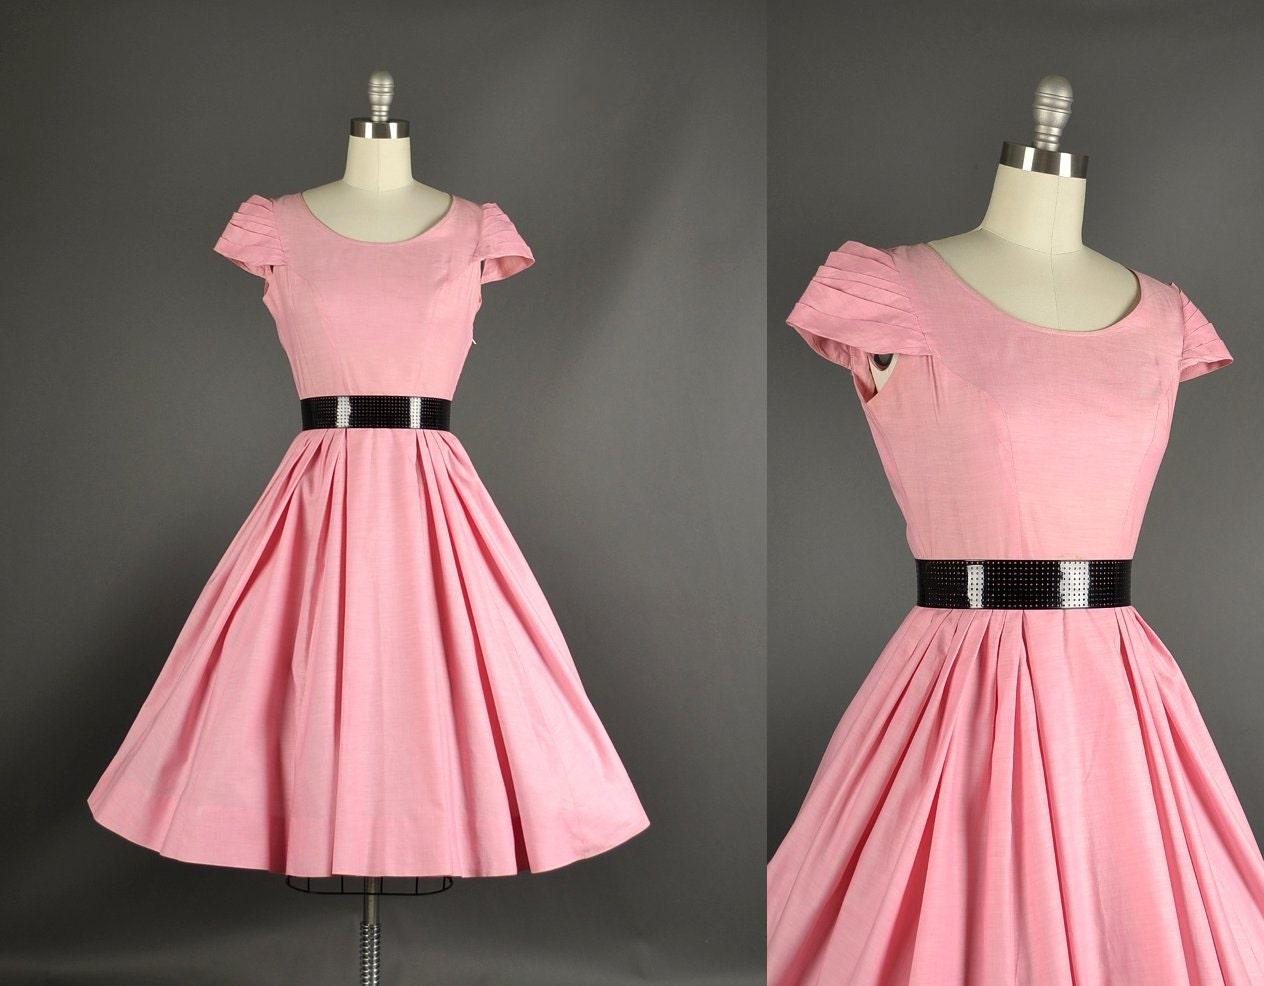 Vintage 1950s Dress / Cotton Day Dress / 50s by NodtoModvintage